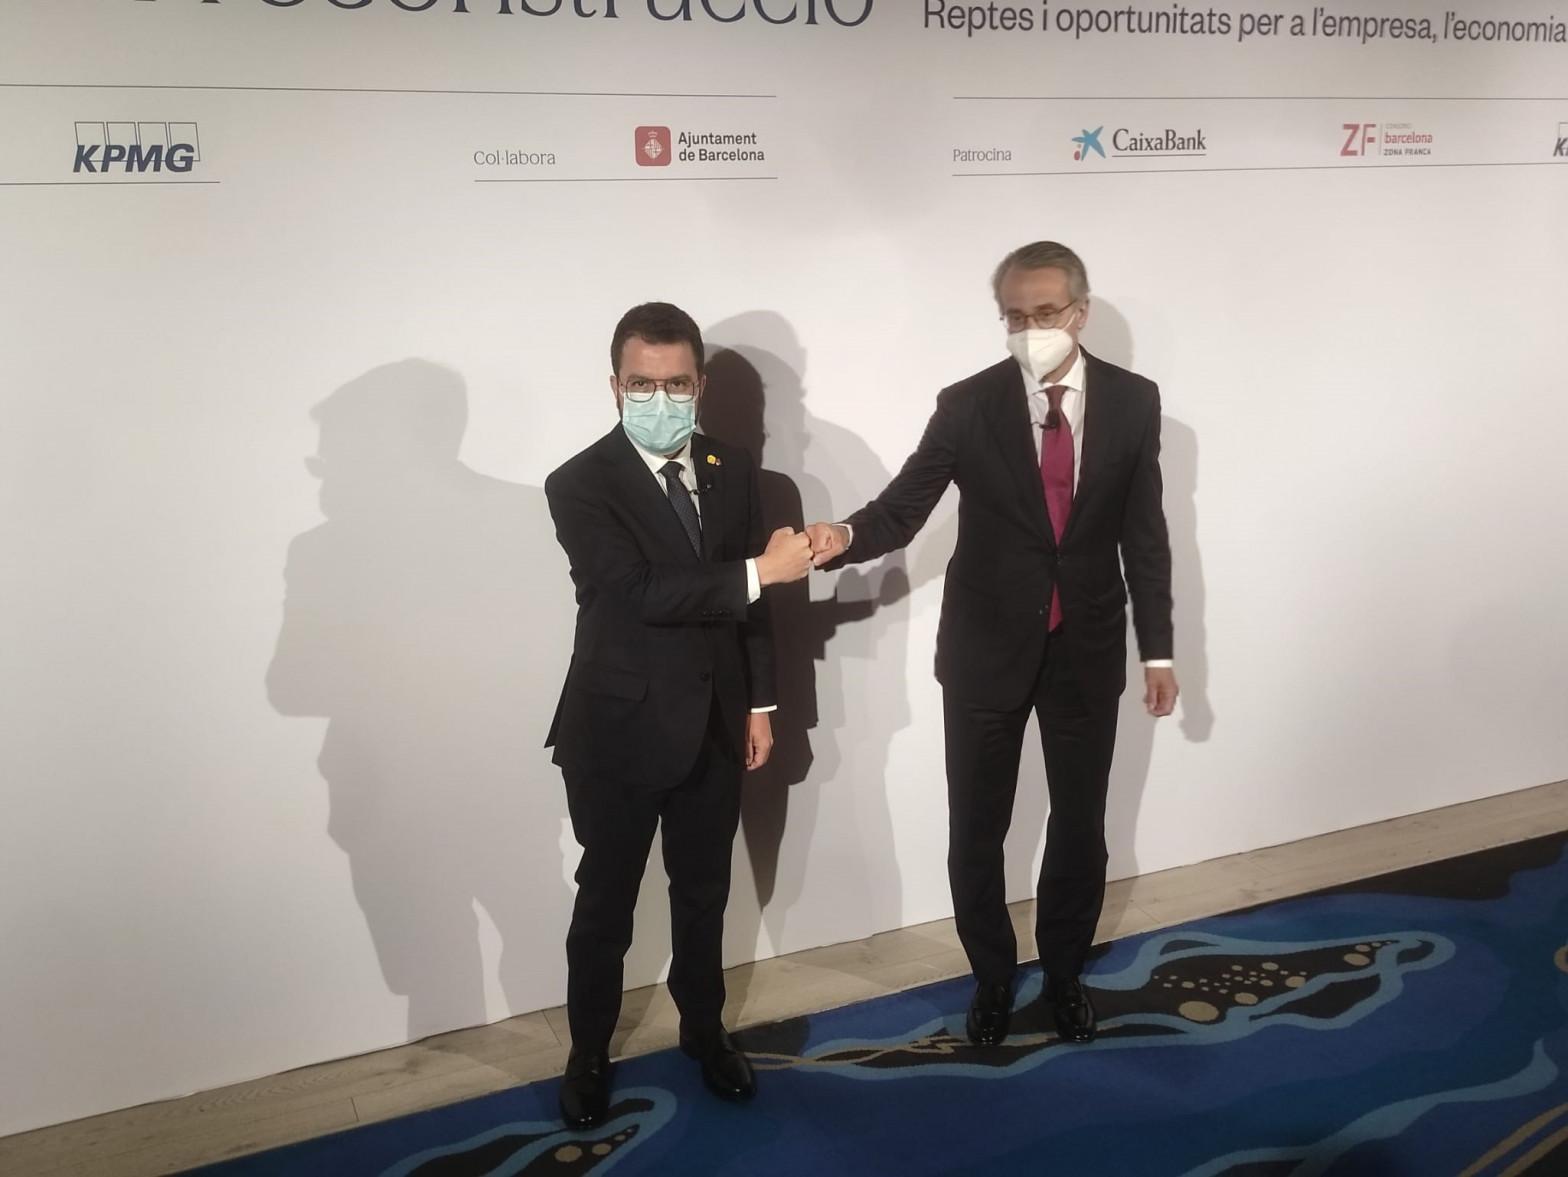 El presidente de la Generalitat, Pere Aragonès, y el presidente del Cercle d'Economia, Javier Faus.